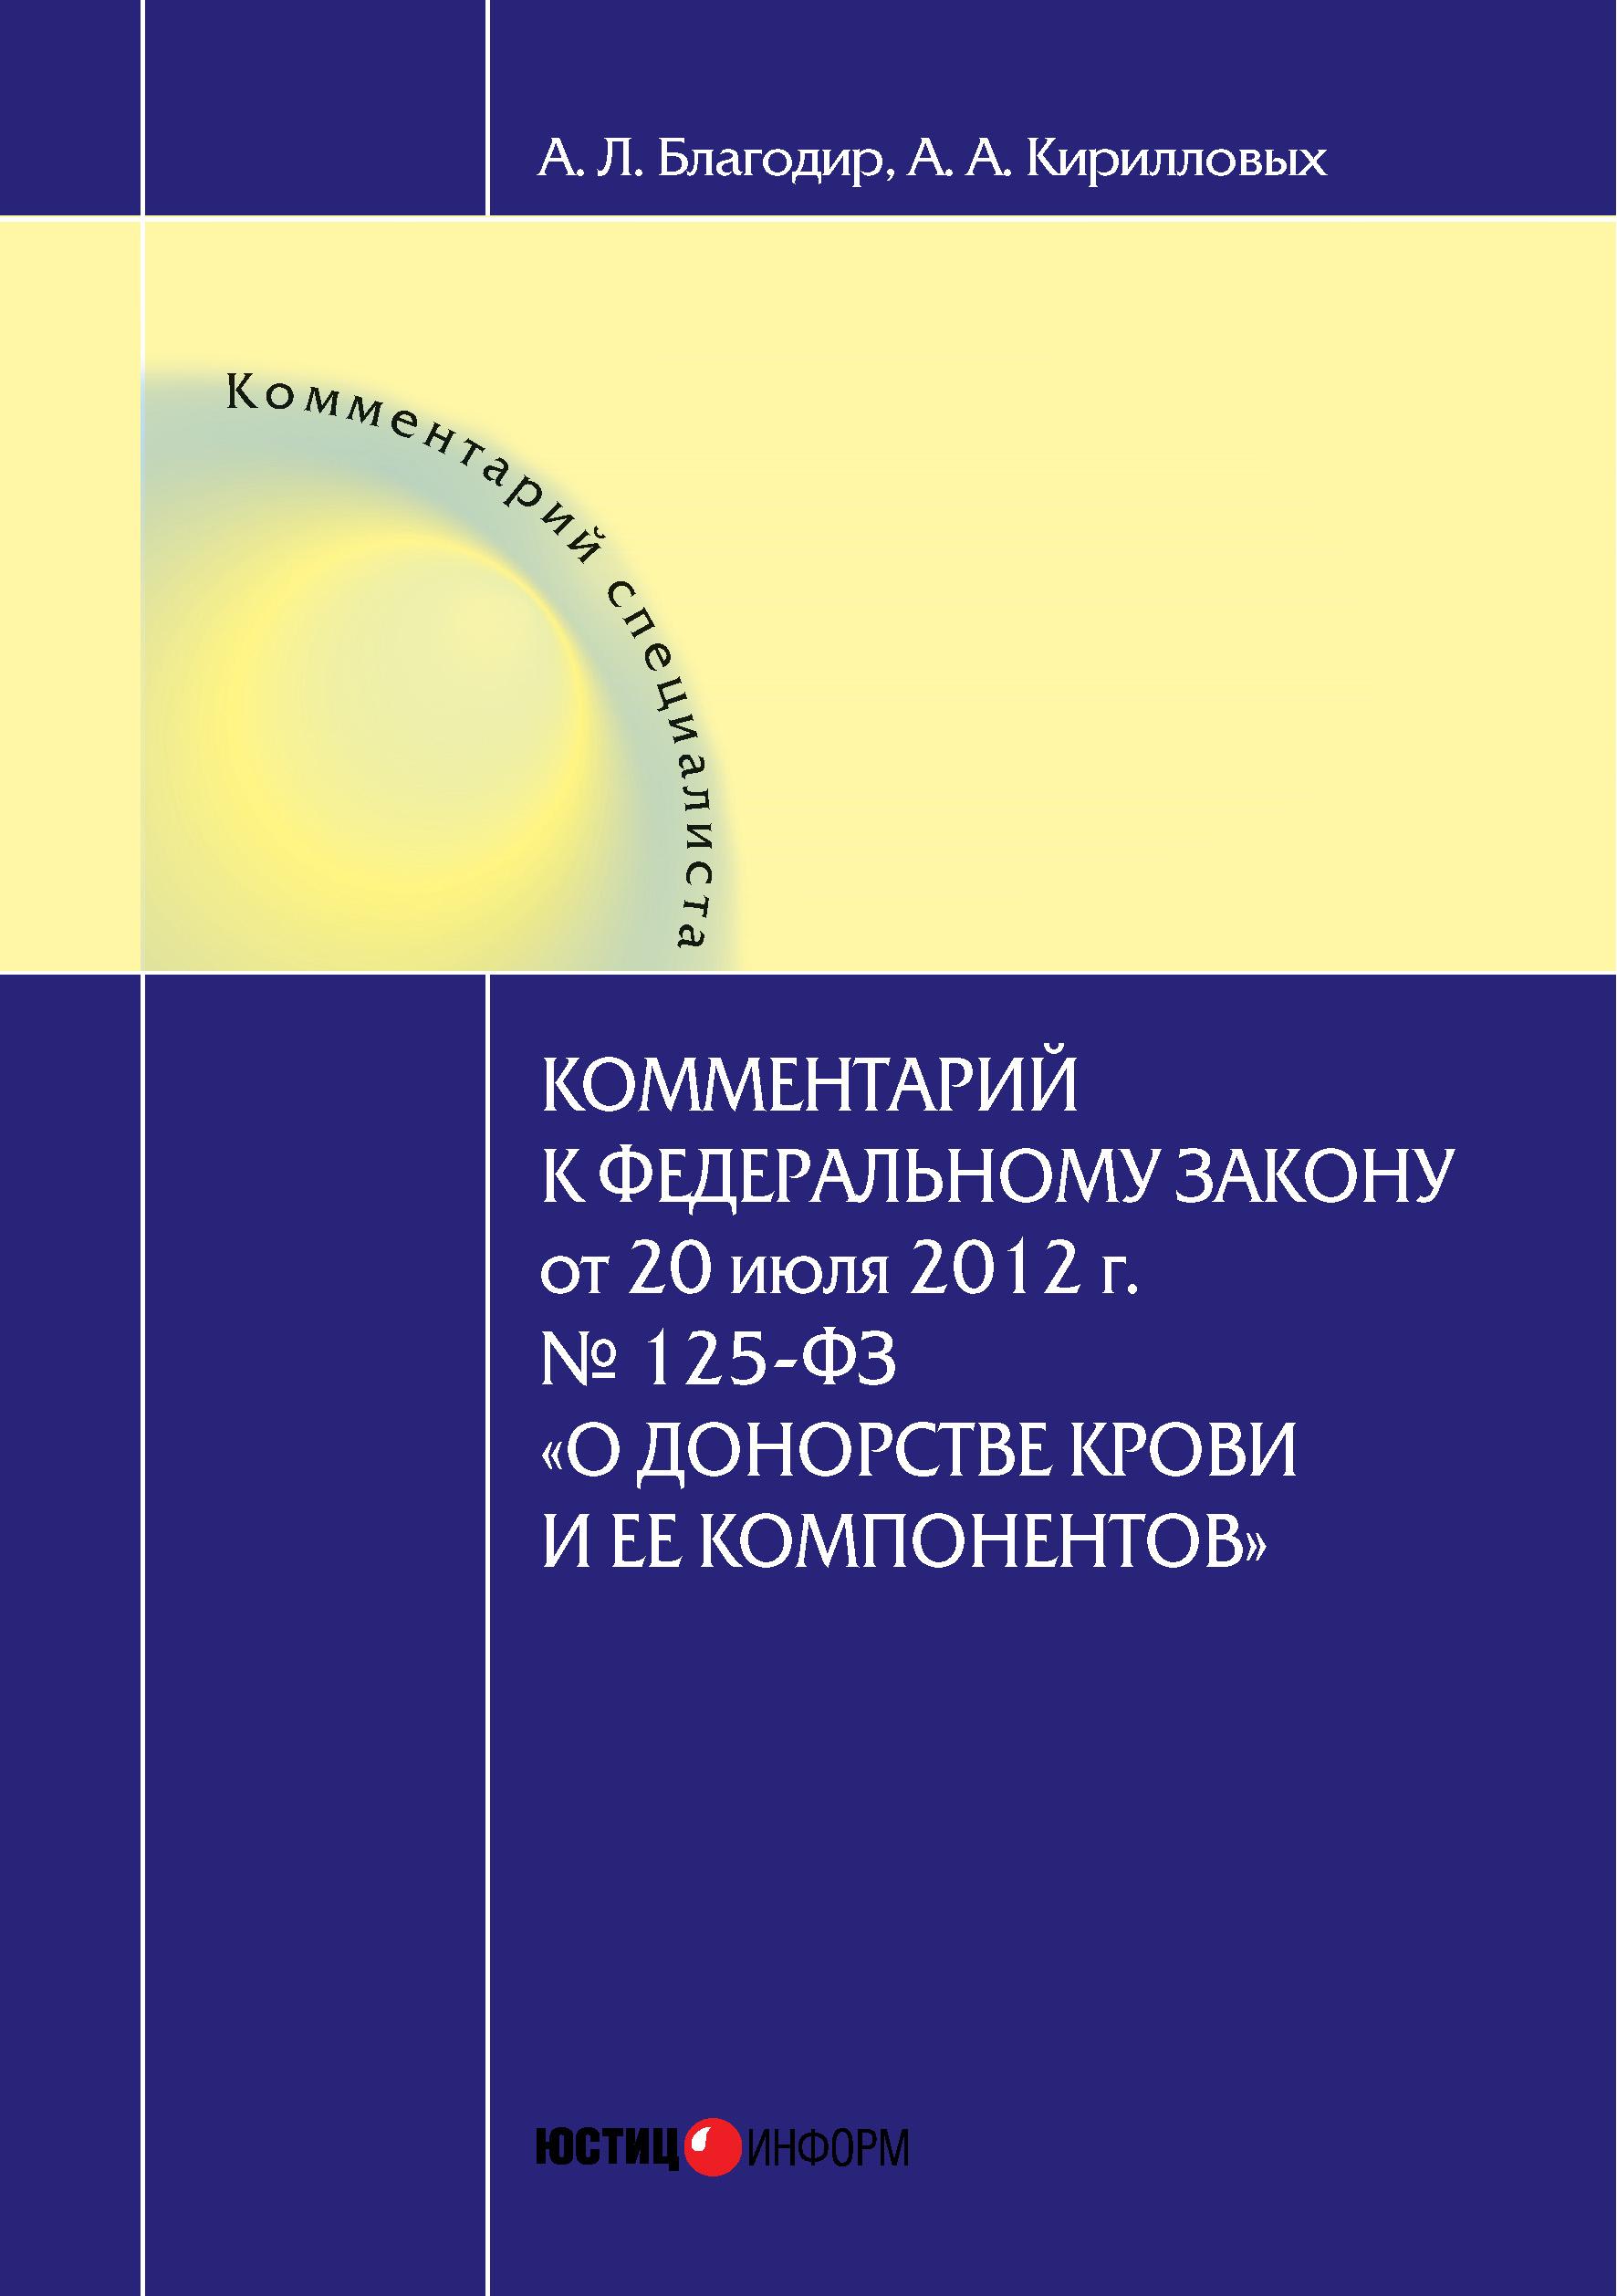 Федеральный закон от 26.09.1997 N 125-ФЗ